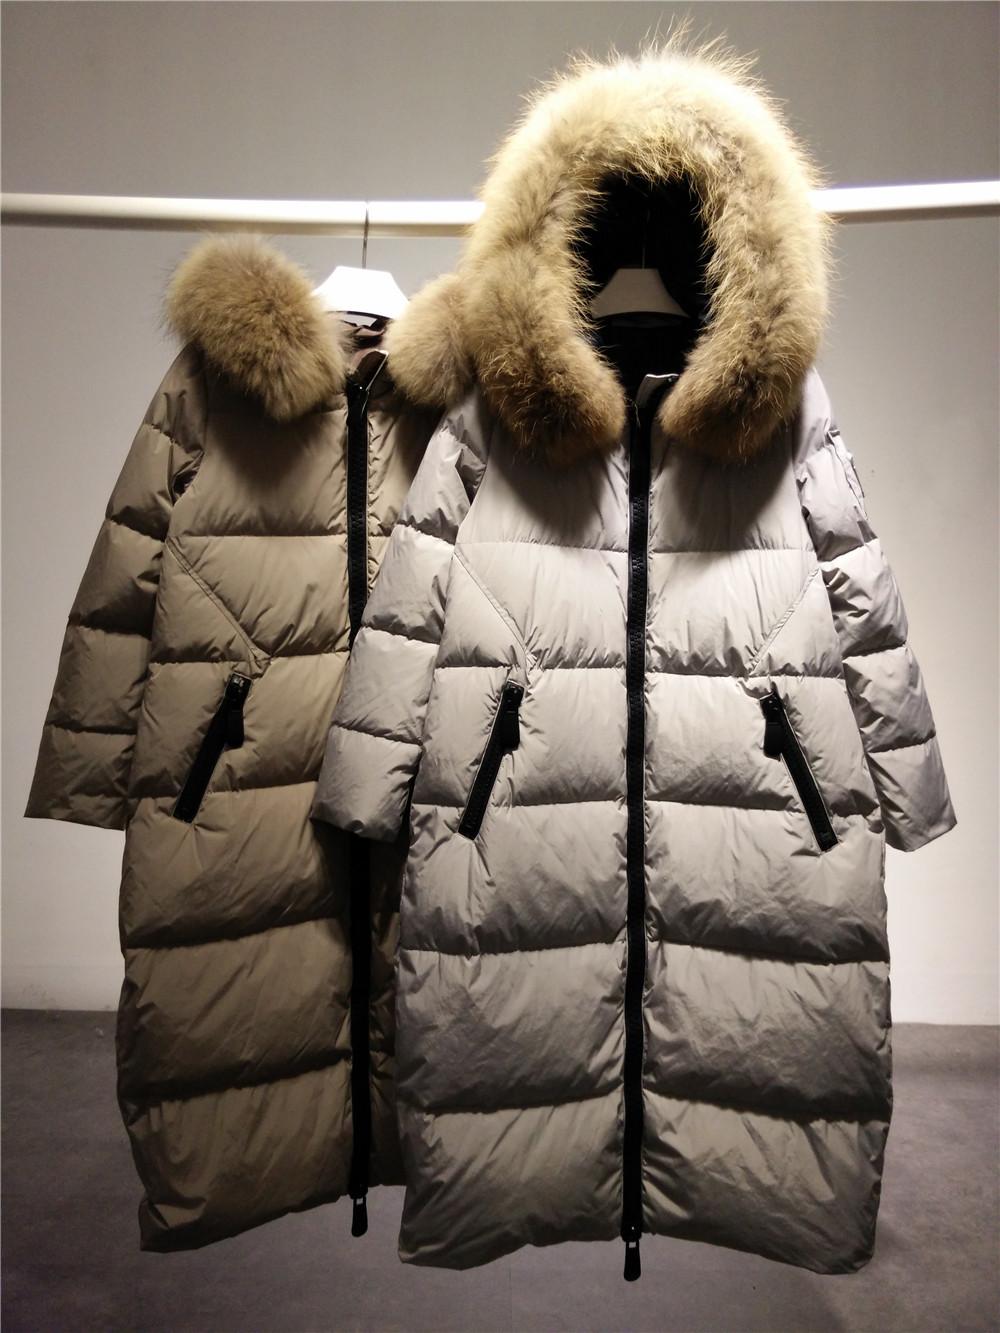 15 новых европейских и американских торговых Dan Damao воротник свободно вокруг кошелек тонкий куртка с капюшоном Zip код